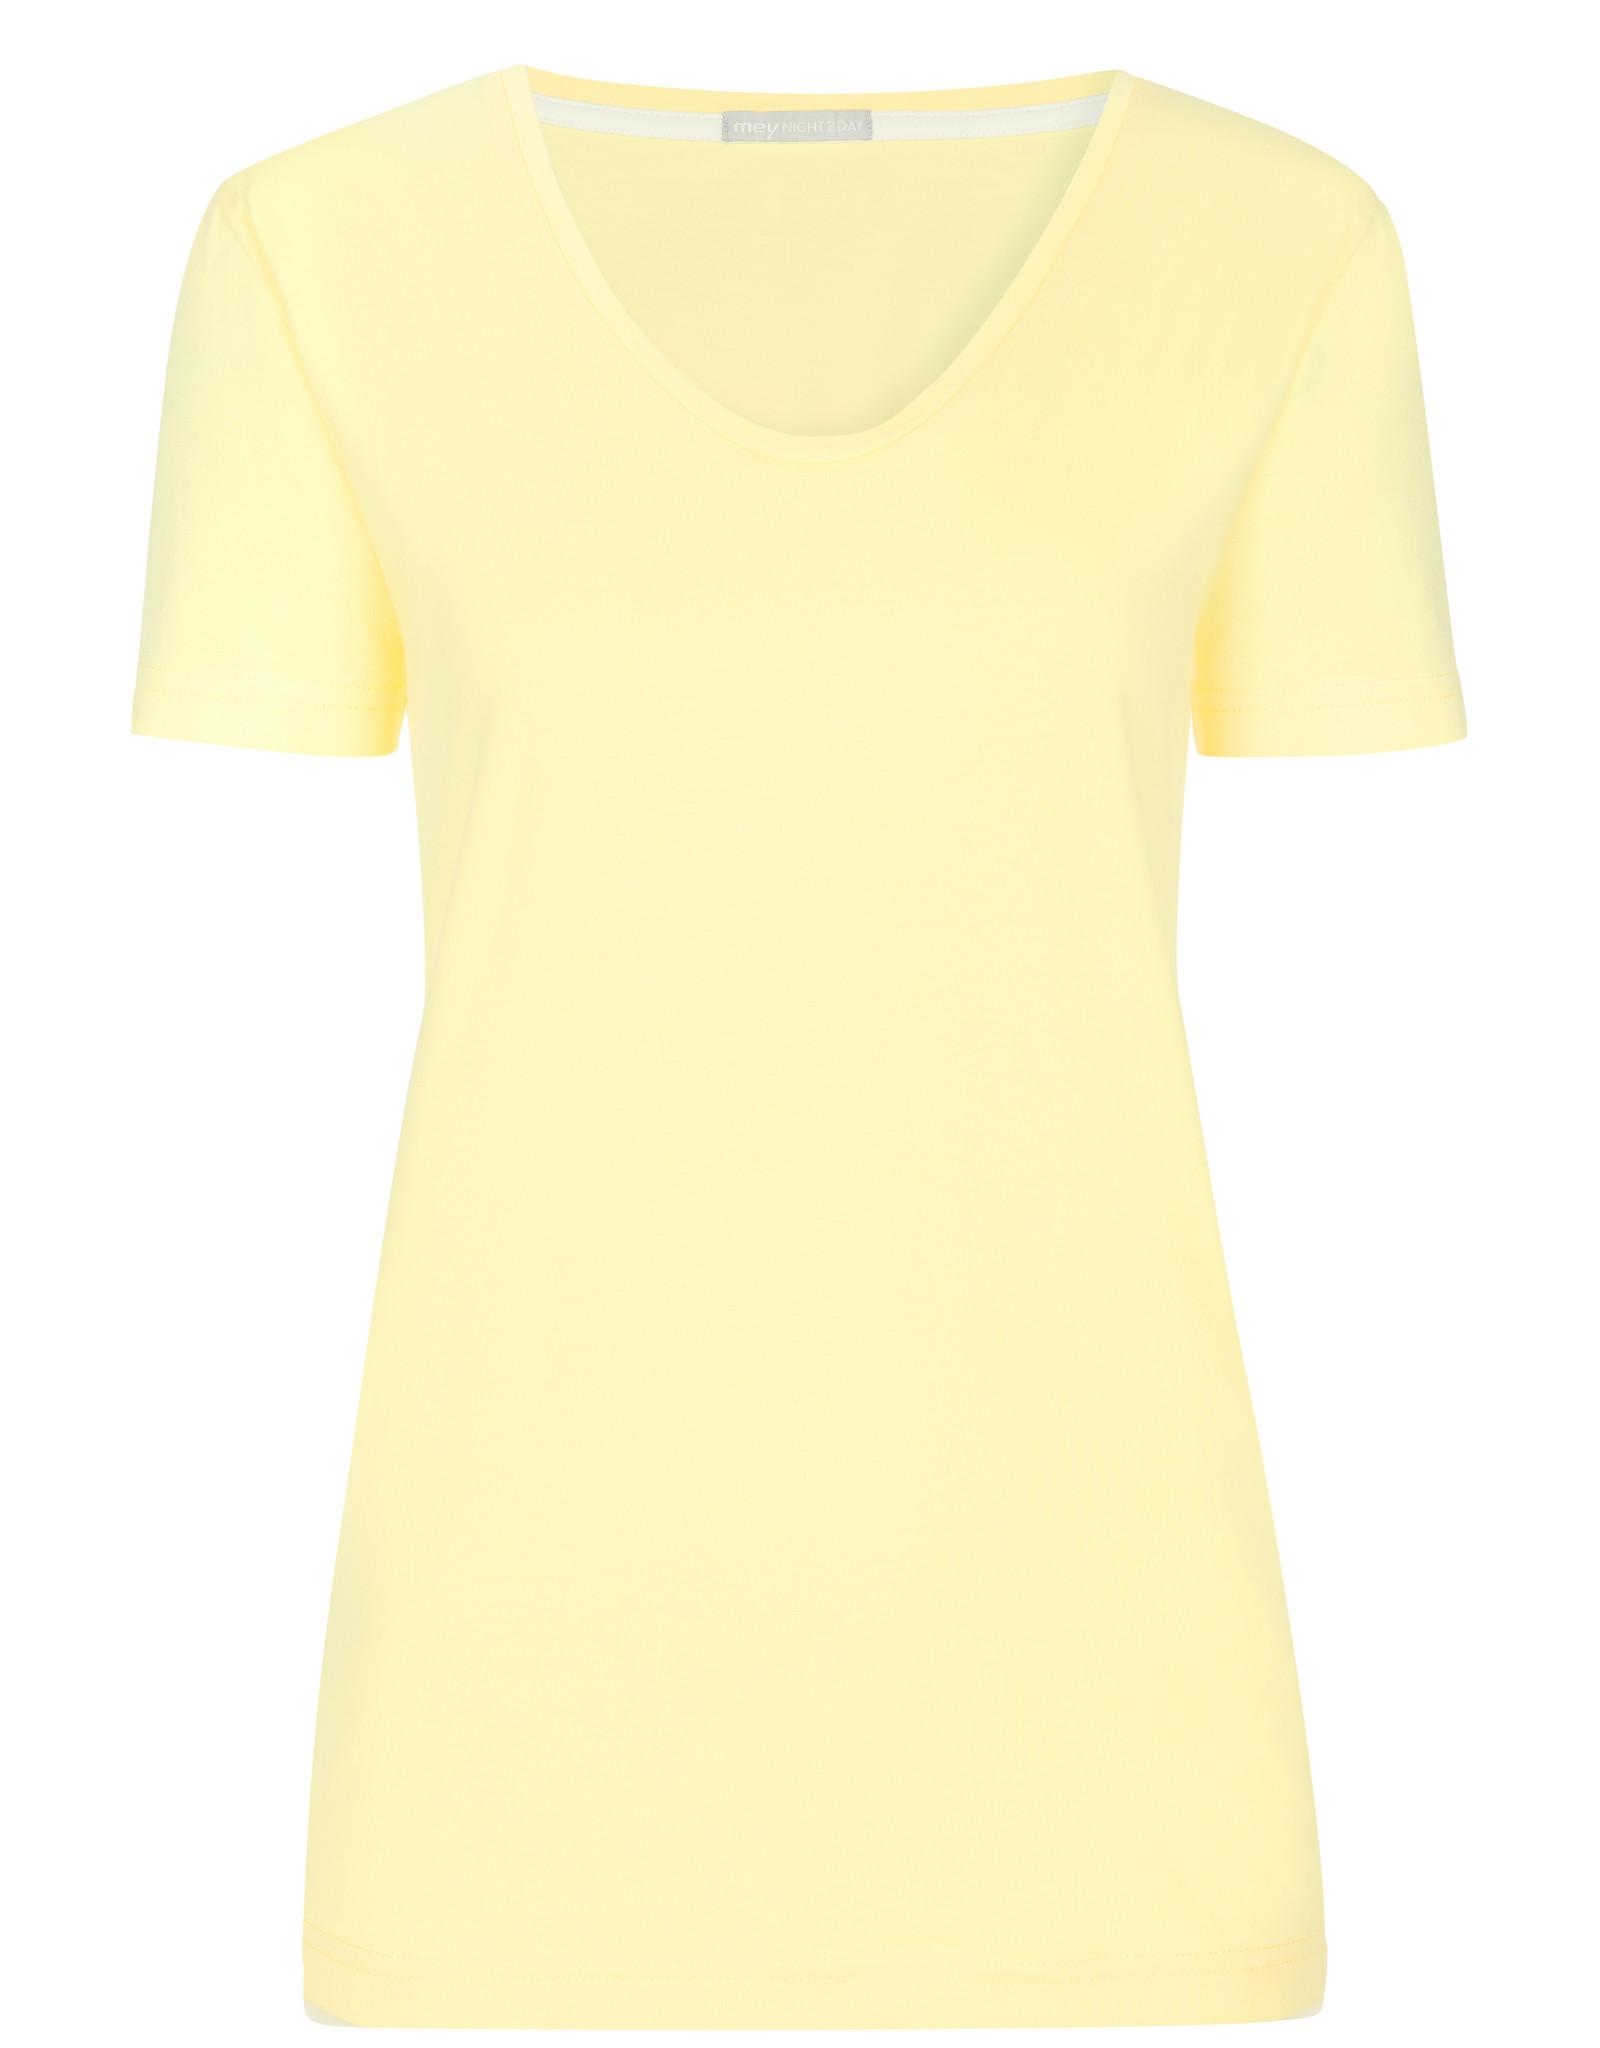 Night2Day Zia shirt, 16387-591